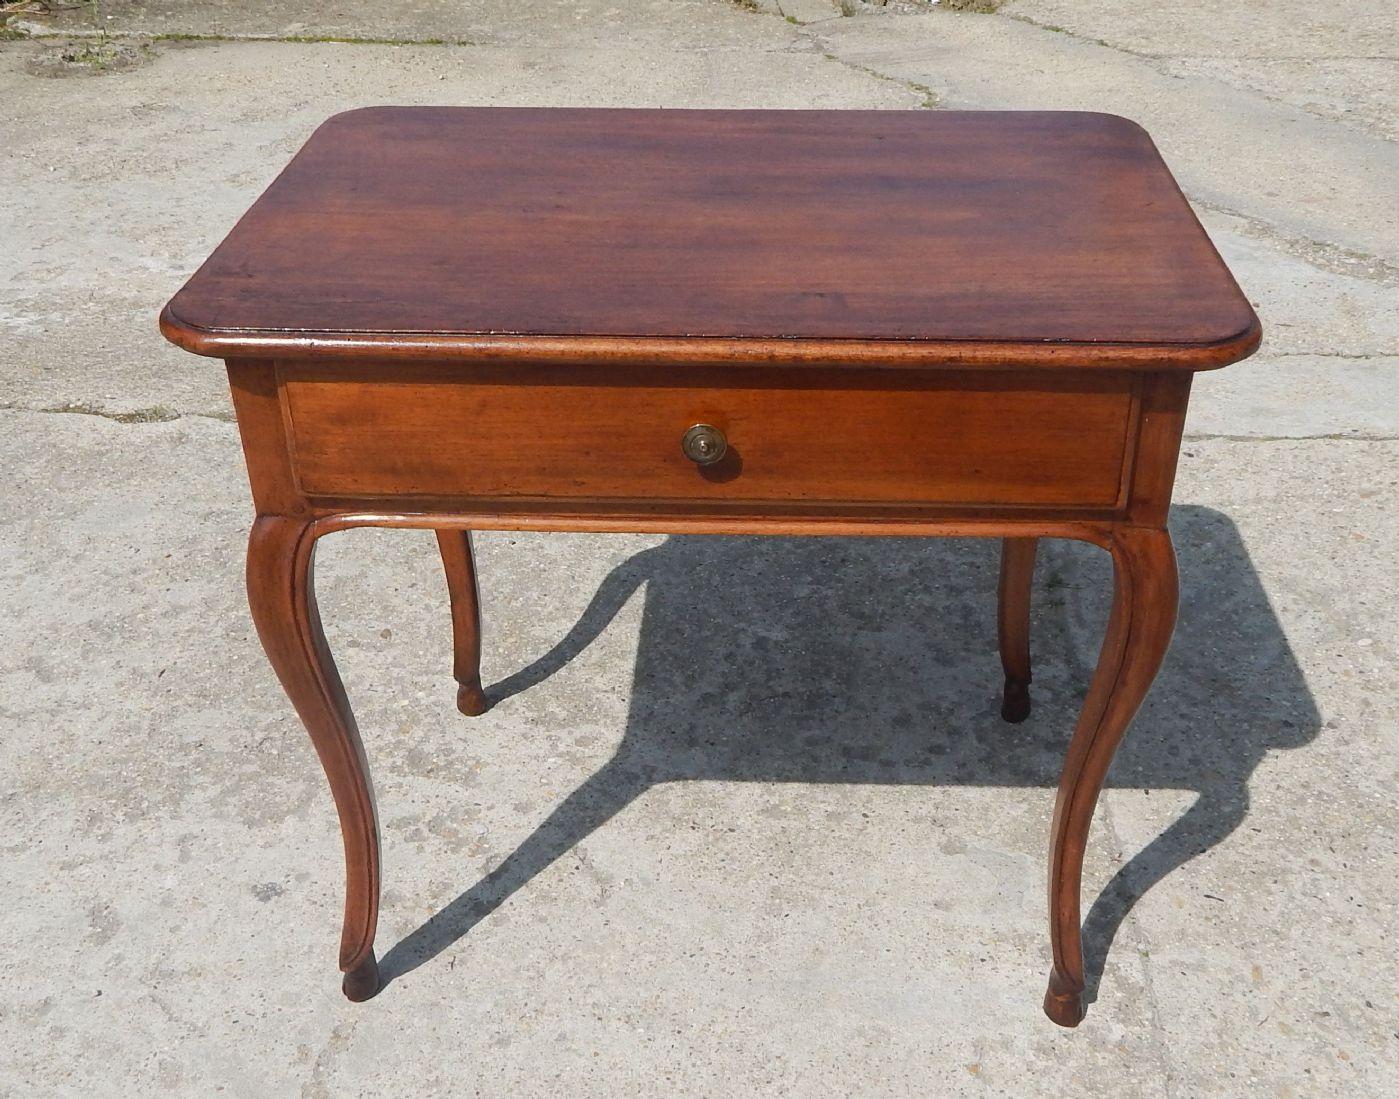 tavolo del 1700 antiquariato su anticoantico